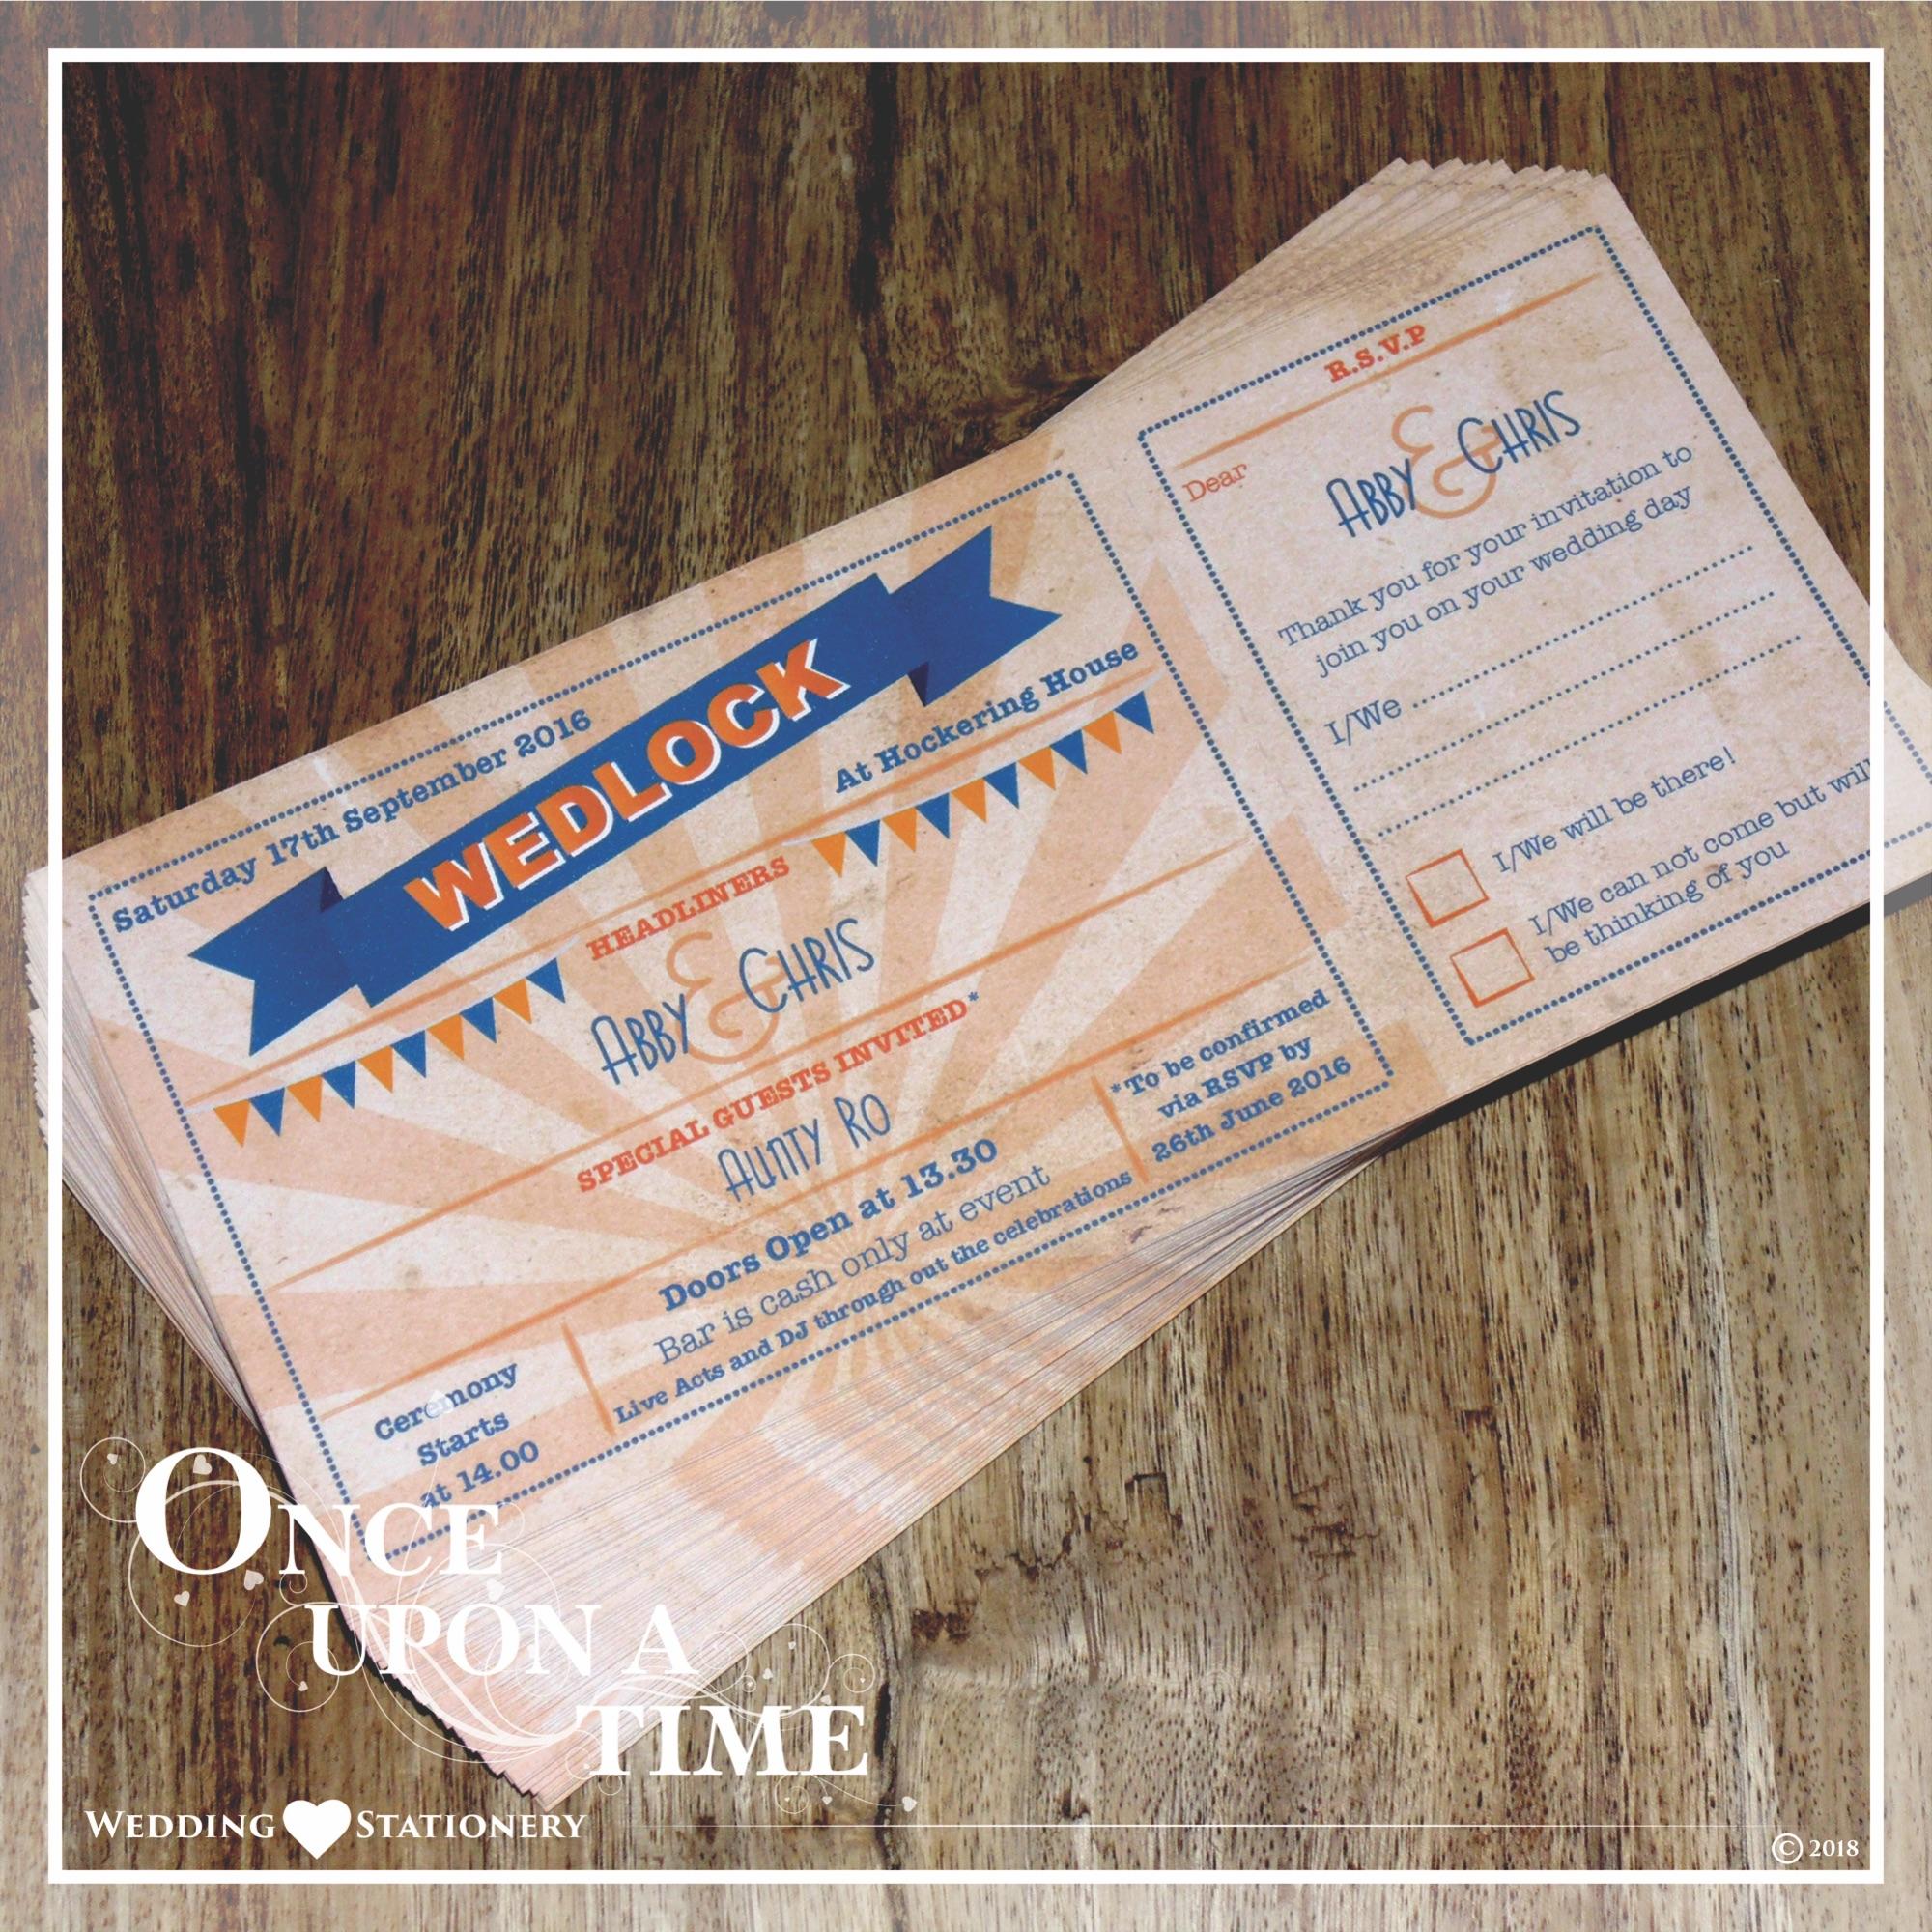 Bespoke Wedding Stationery Design Festival Ticket Invitations